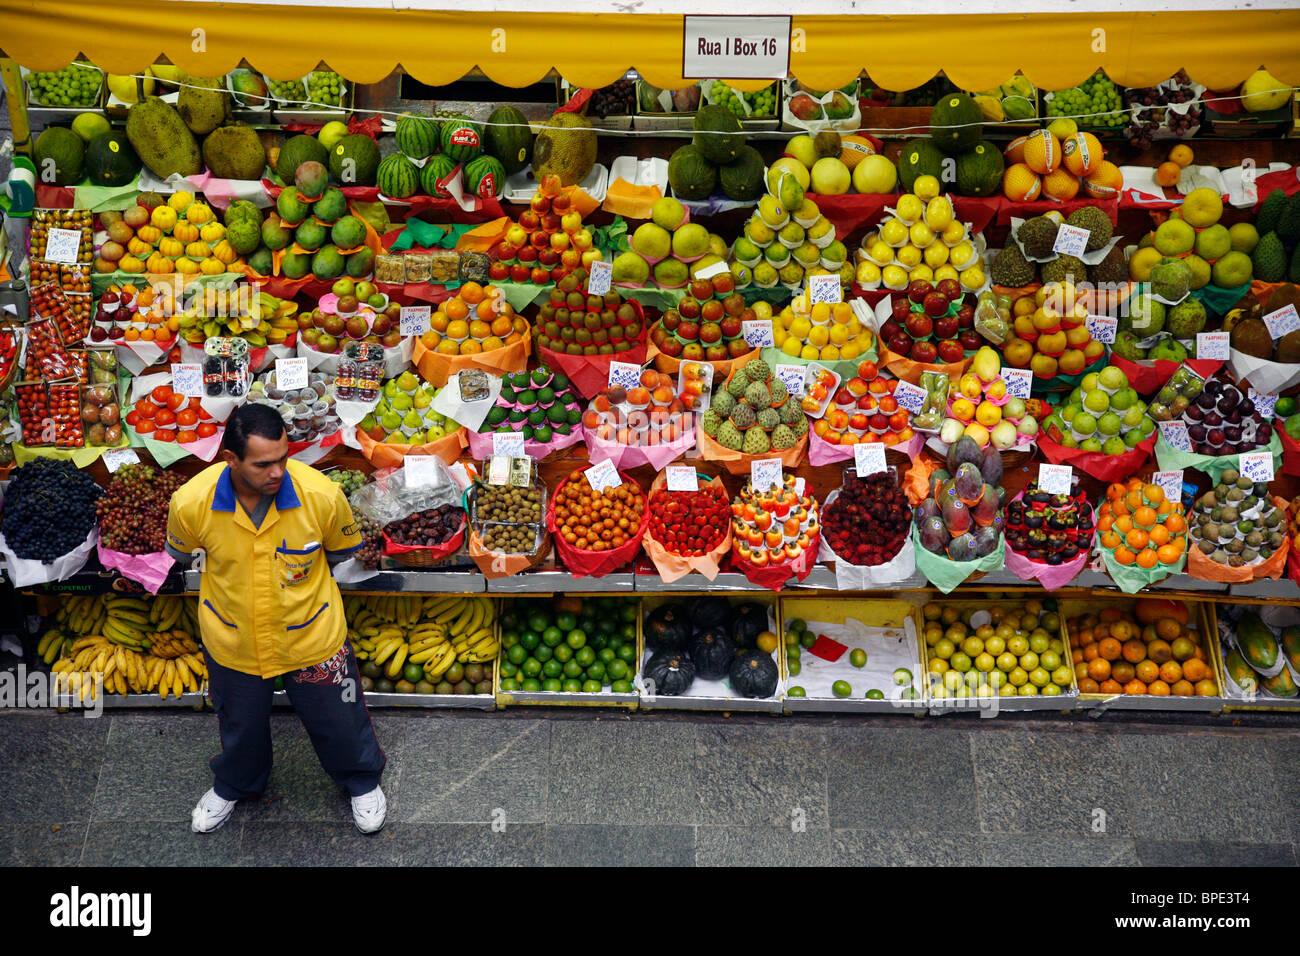 Fruit stall at Mercado Municipal, Sao Paulo, Brazil. - Stock Image